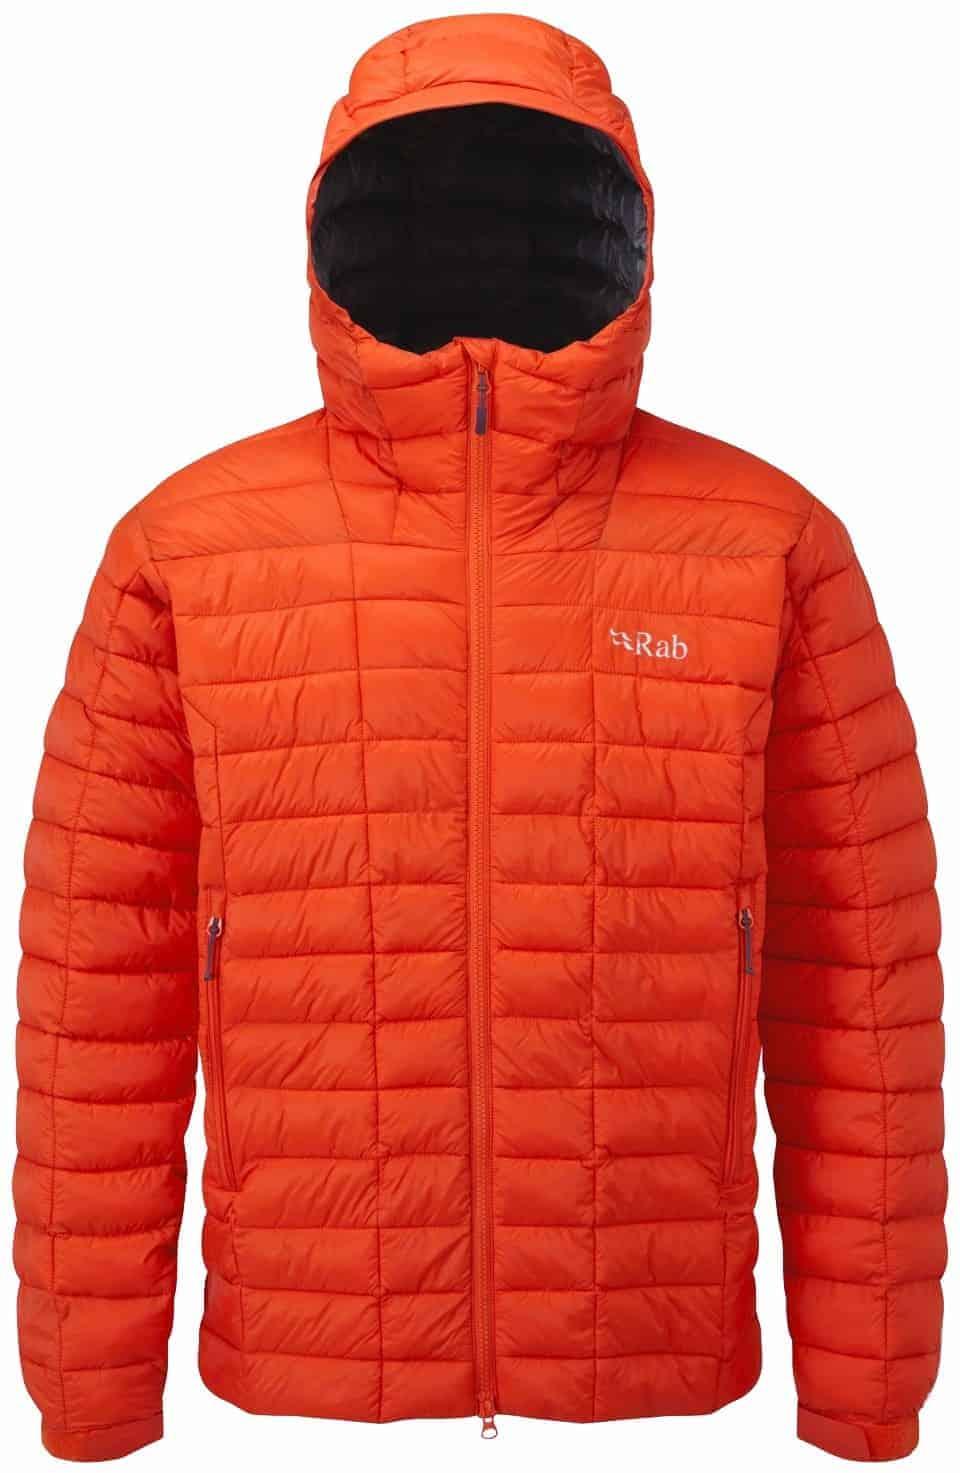 Rab Nebula Pro Jacket